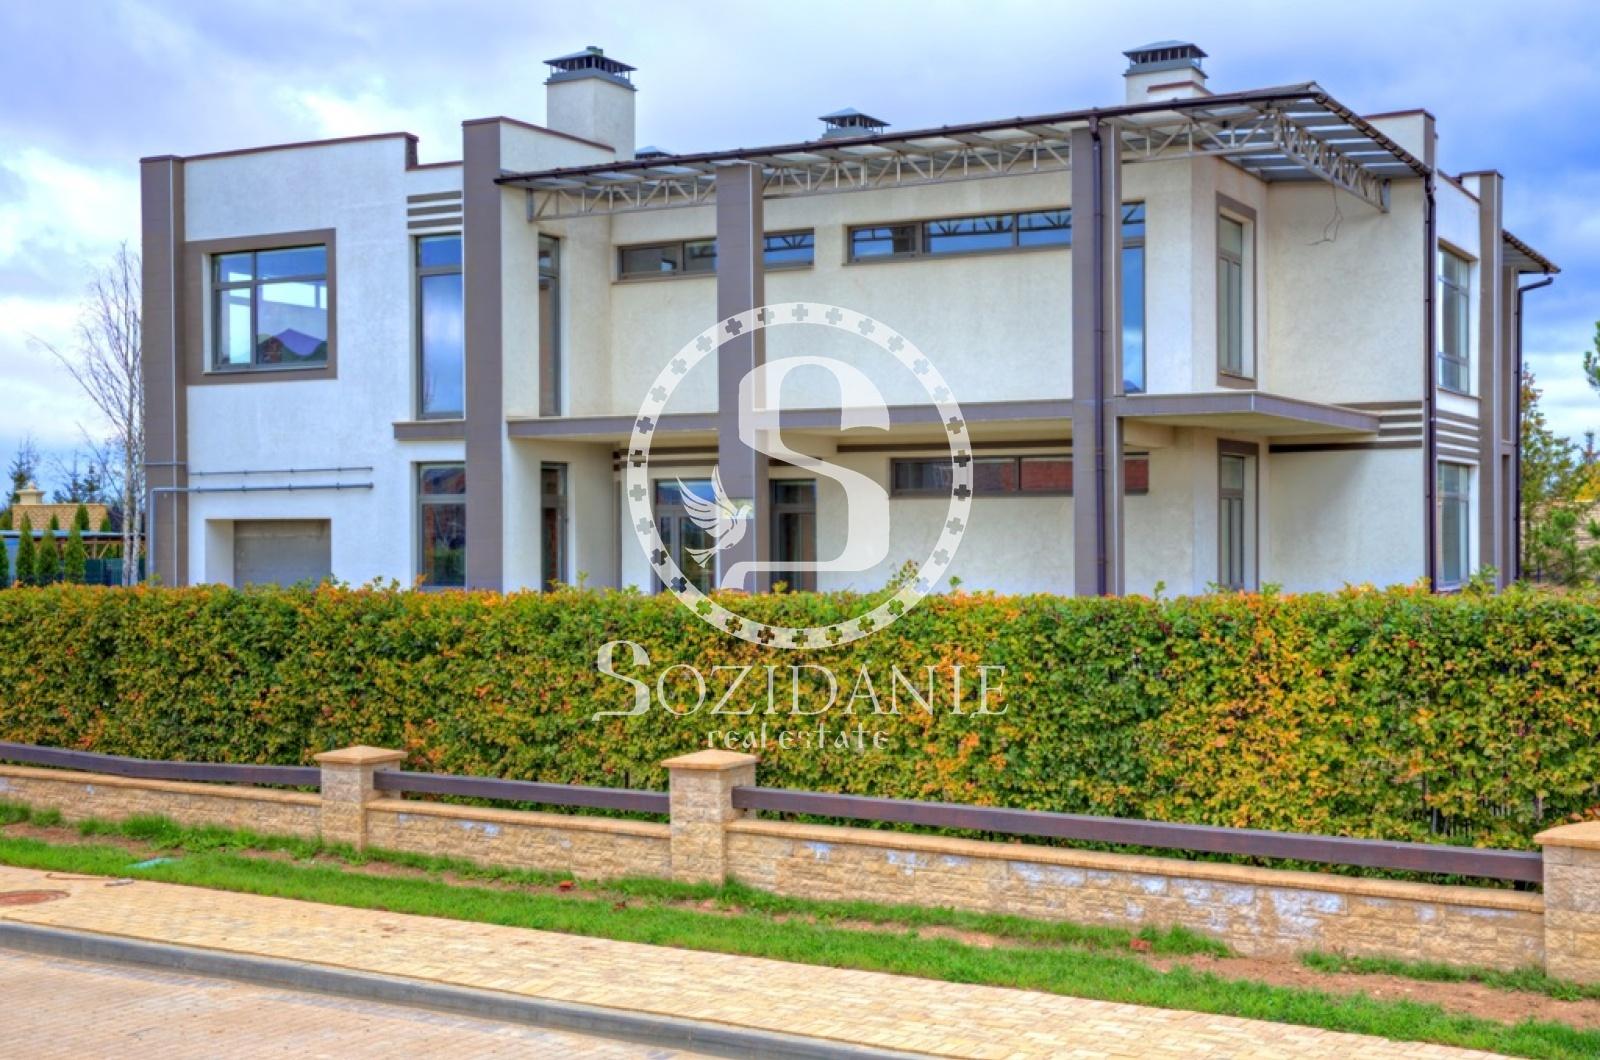 5 Bedrooms, Загородная, Продажа, Listing ID 1036, Московская область, Россия,